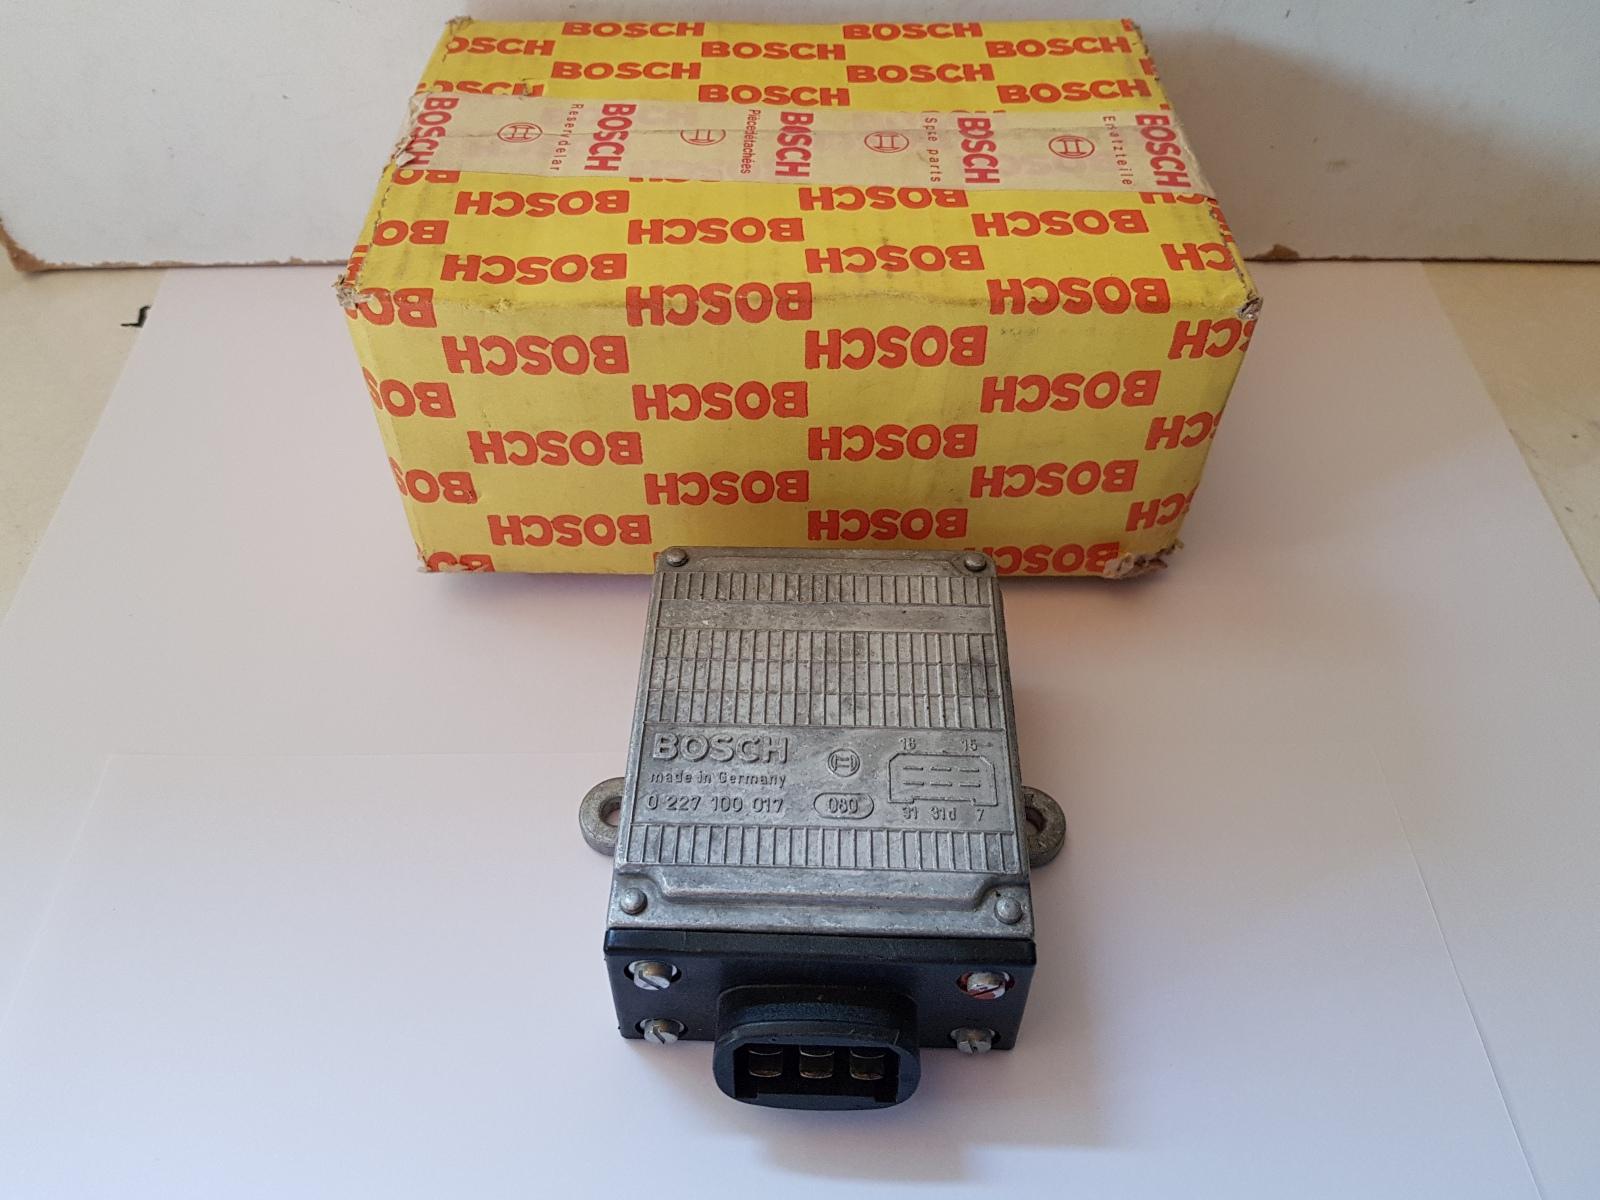 Bosch 0227100017 Schaltgerät Steuergerät Zündsteuergerät Porsche 924 931 Alfa